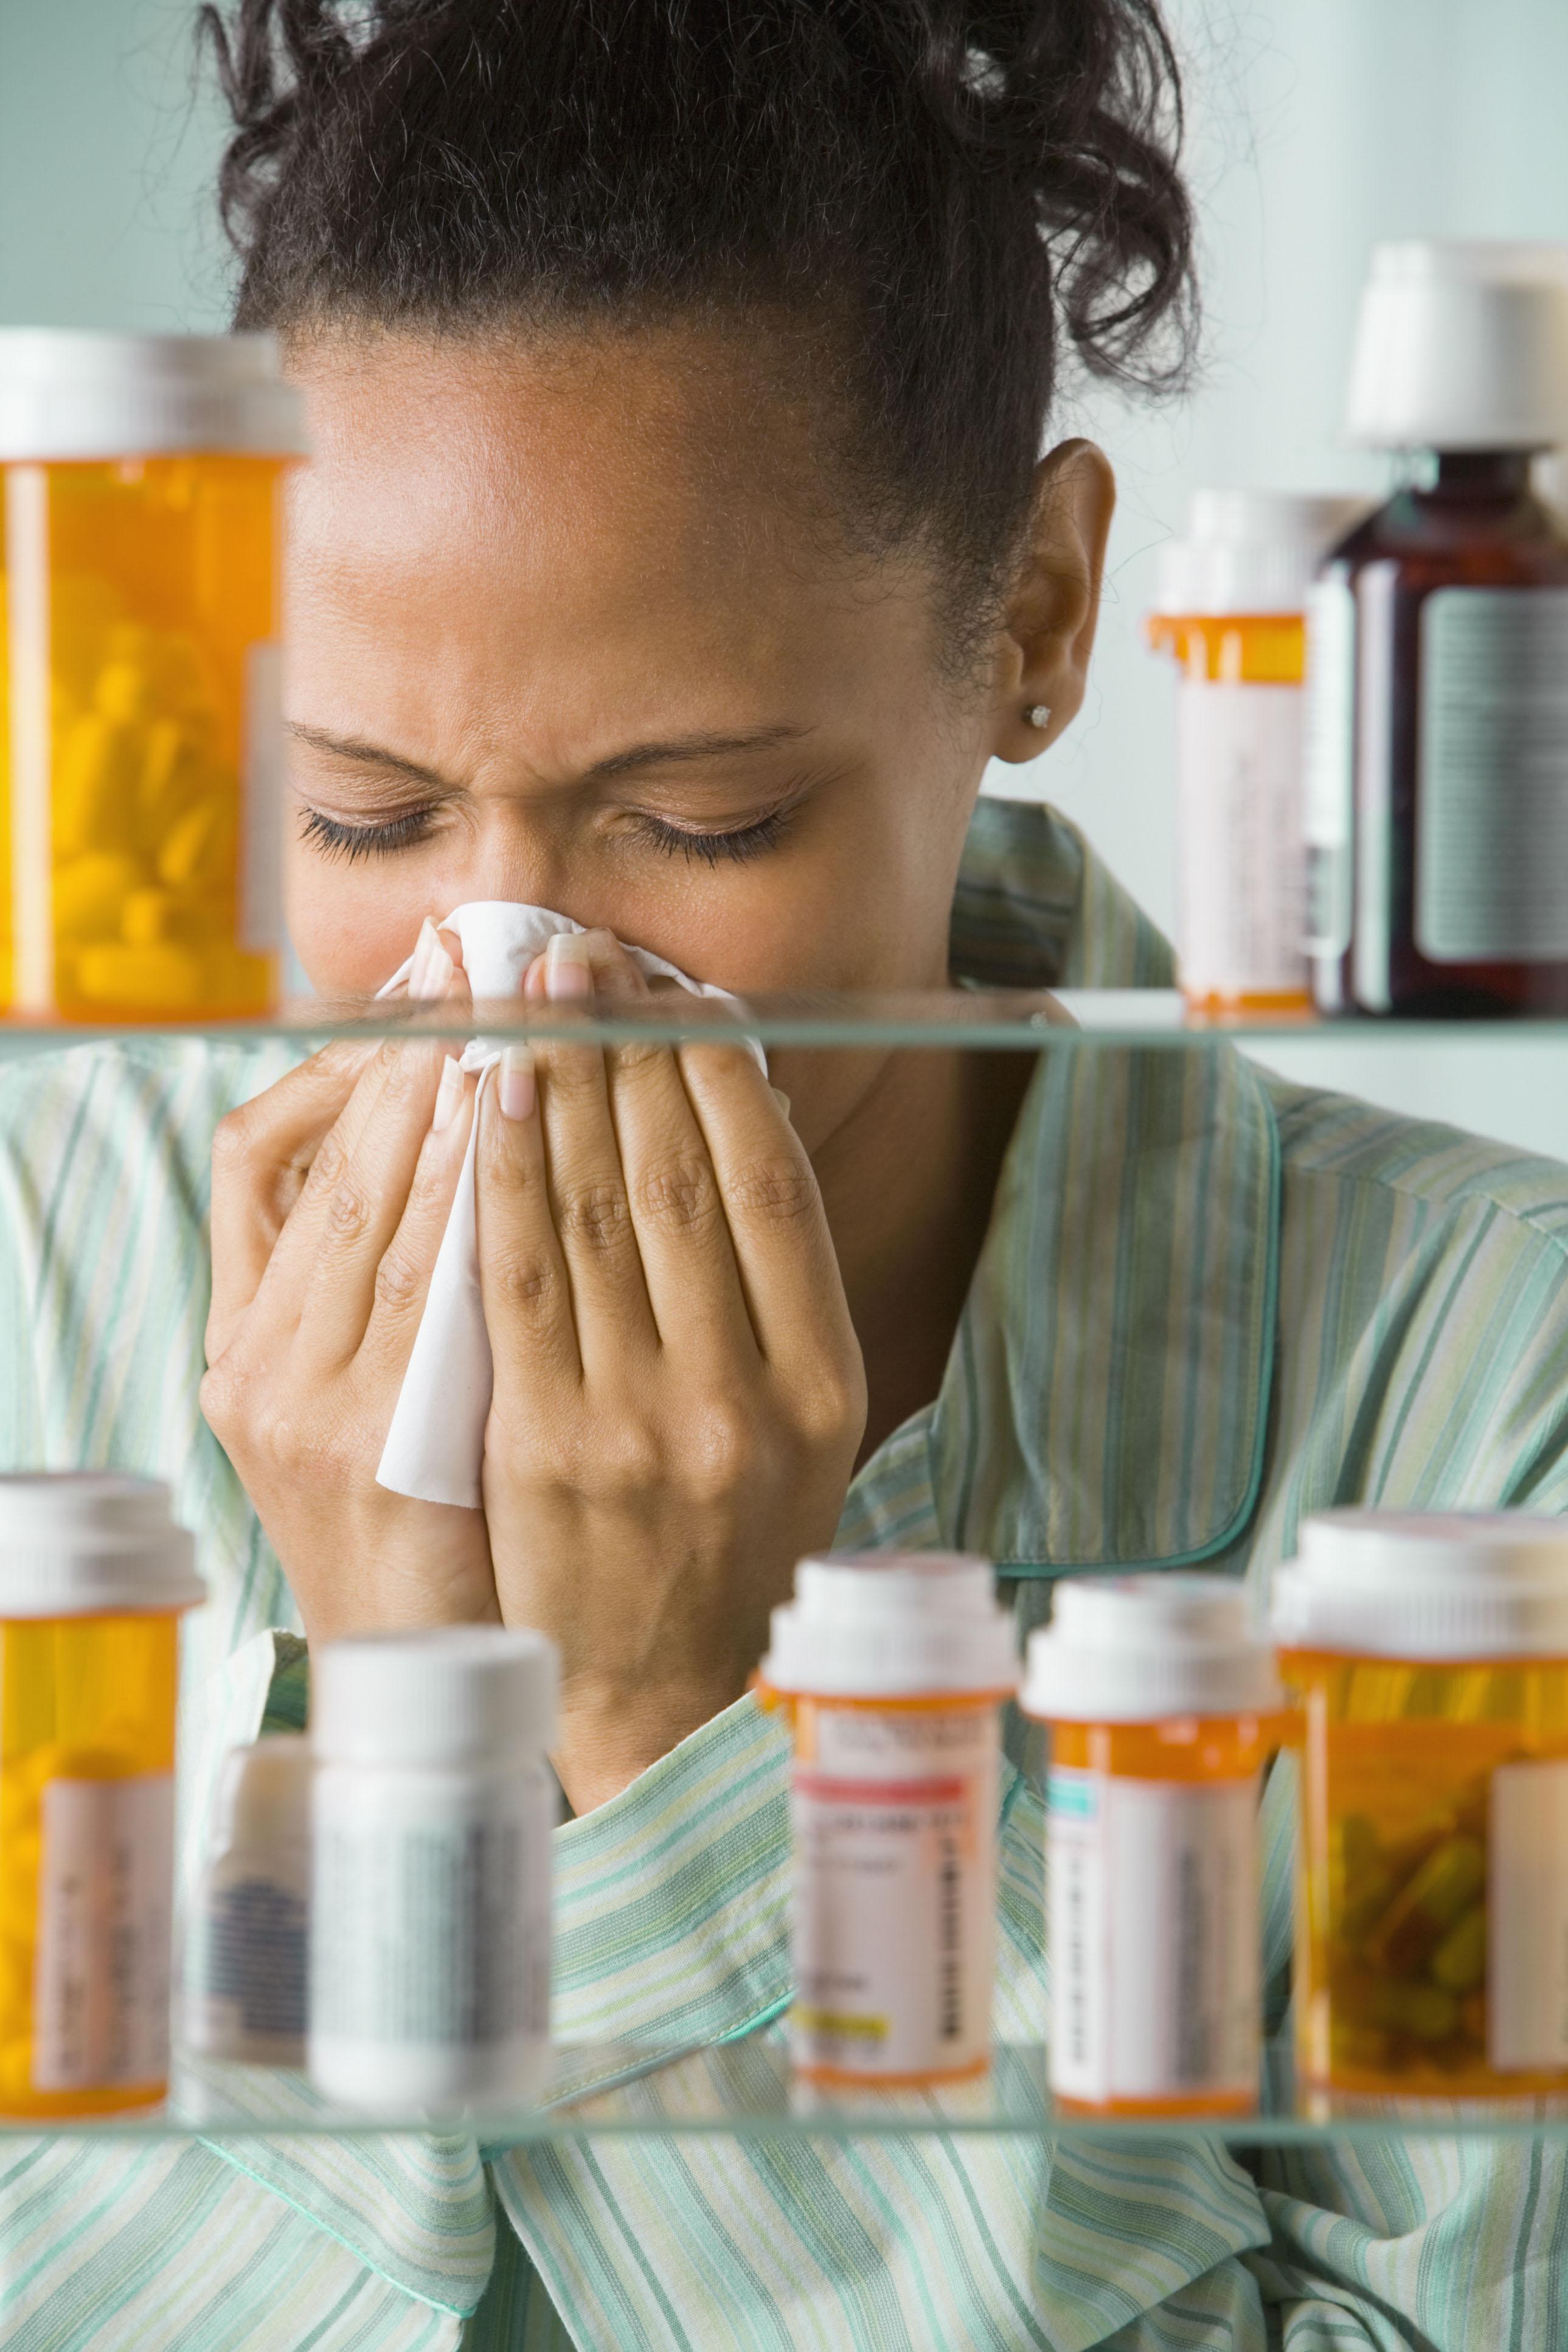 Taking Flu Meds